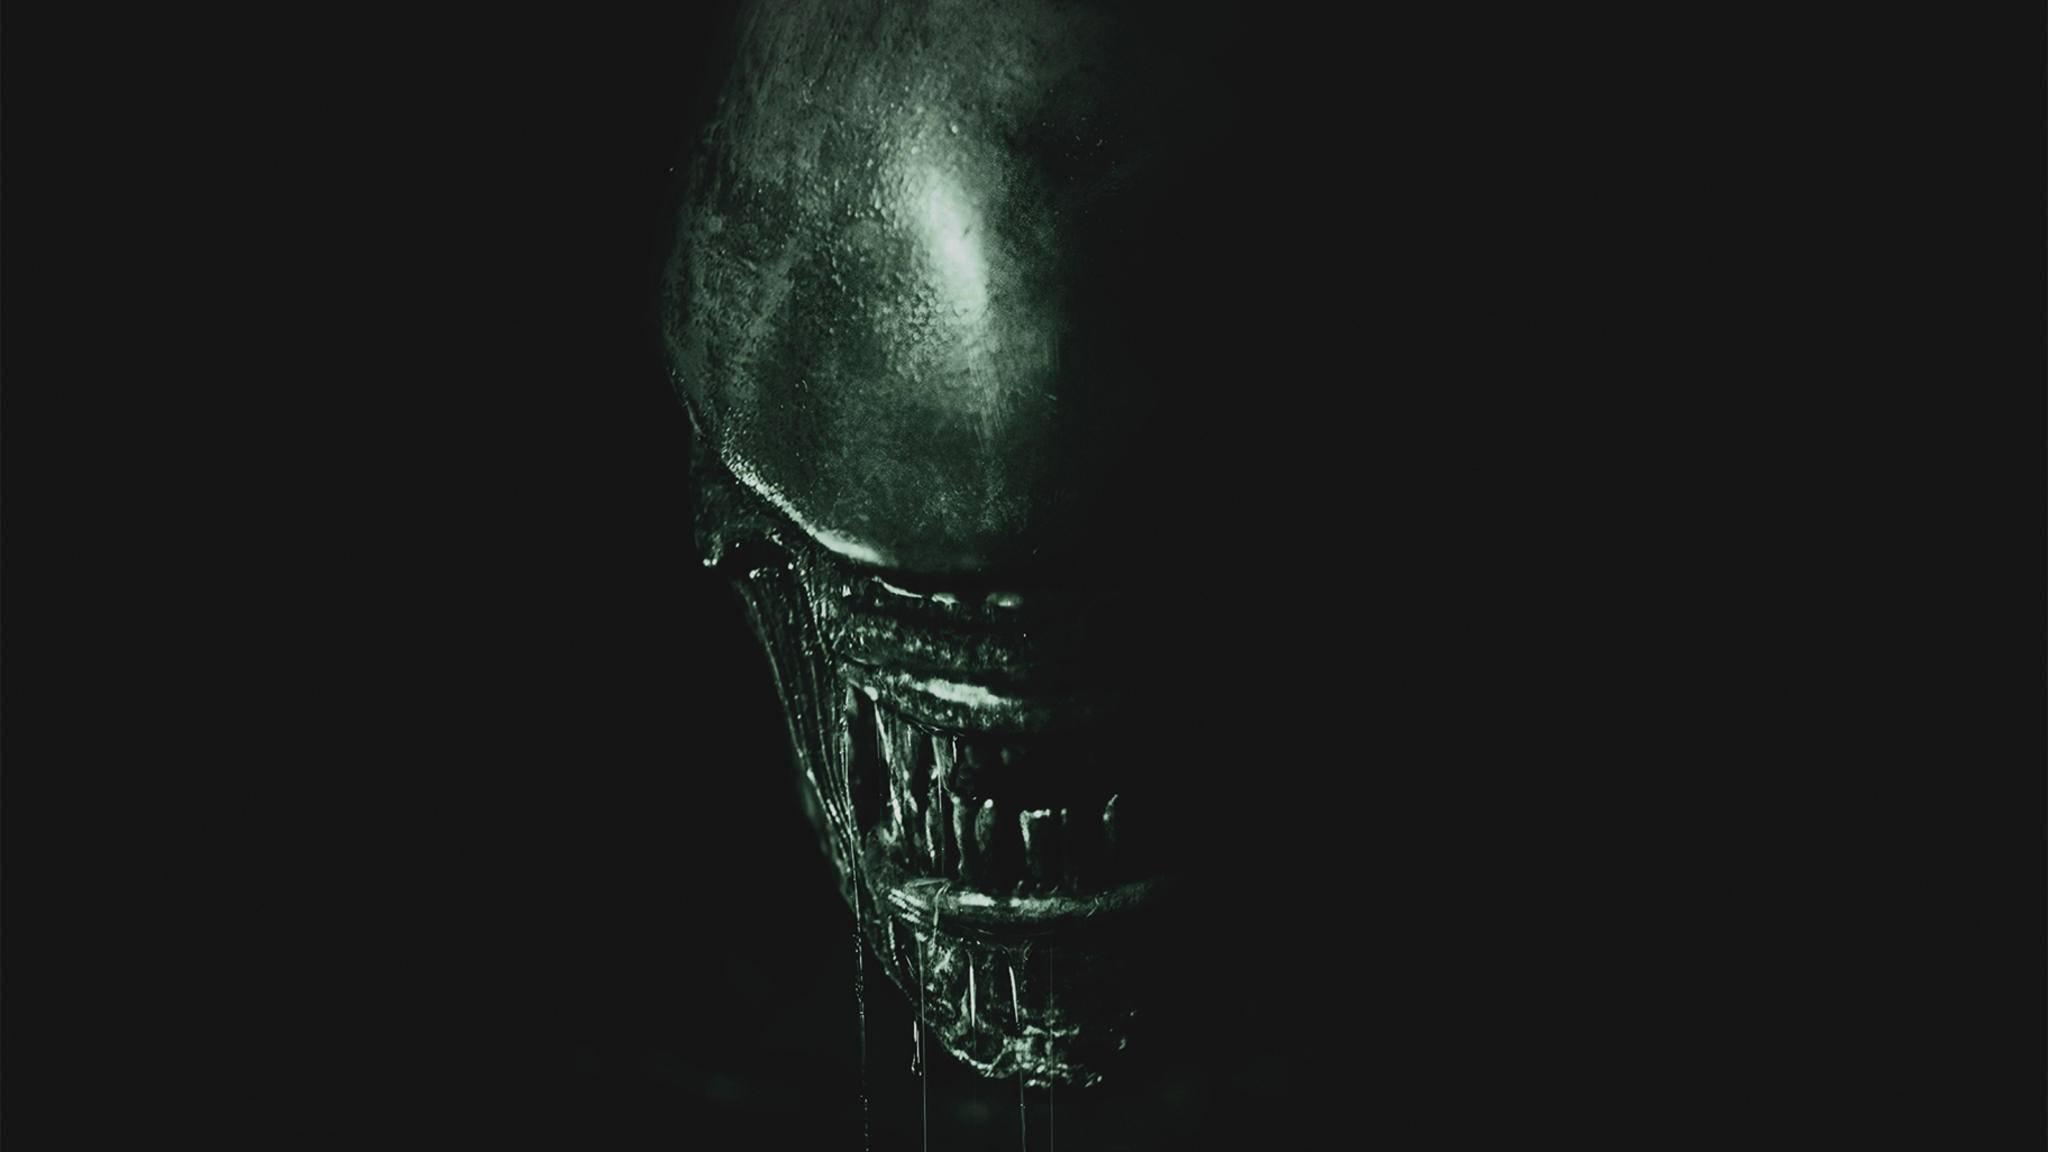 Die meisten Spieler dürften froh sein, ein solch gruseliges Alien nicht zu Gesicht zu bekommen.